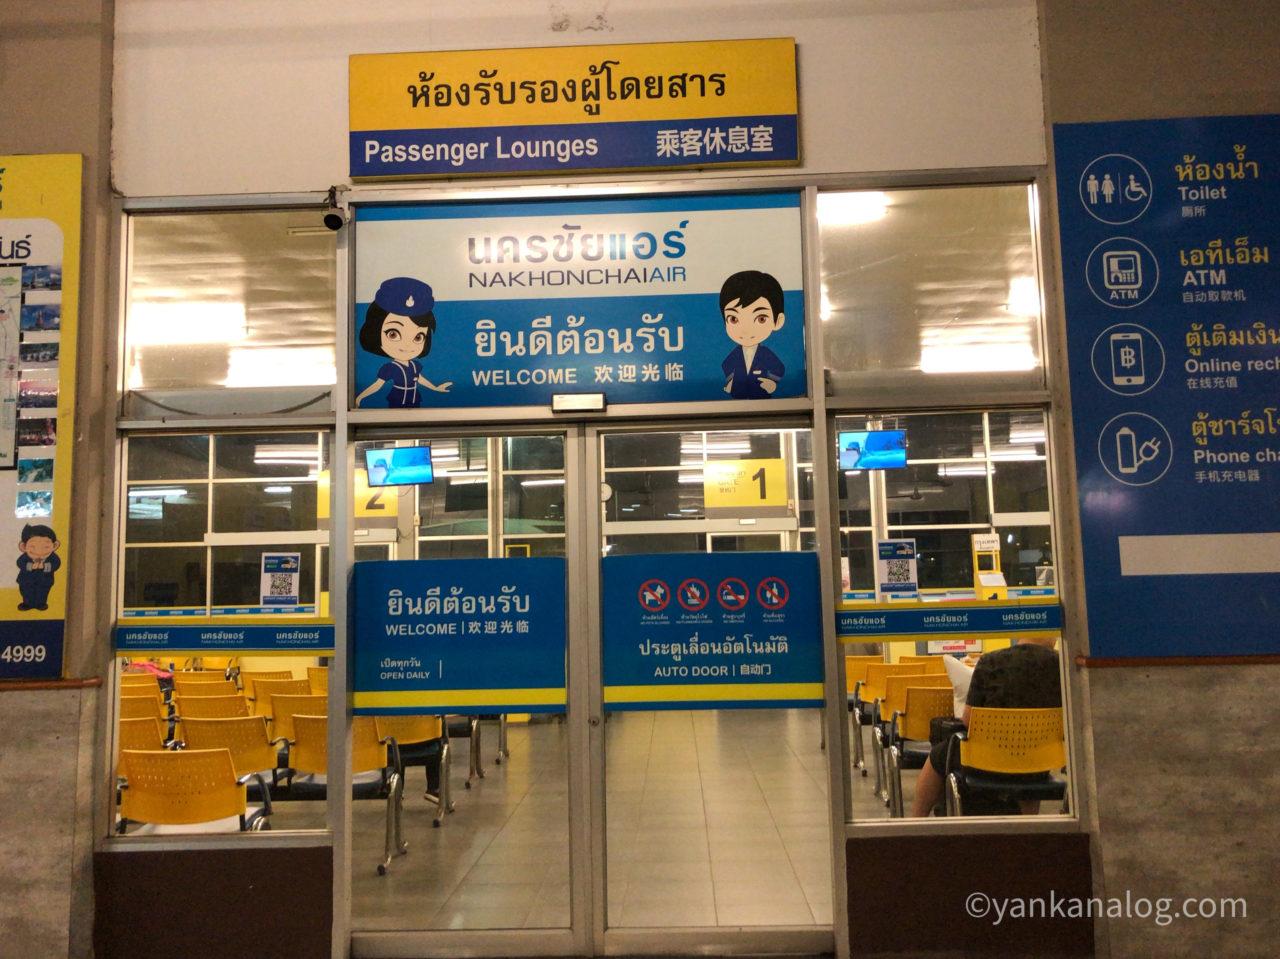 チェンマイのナコンチャイエアバスターミナルの待合室